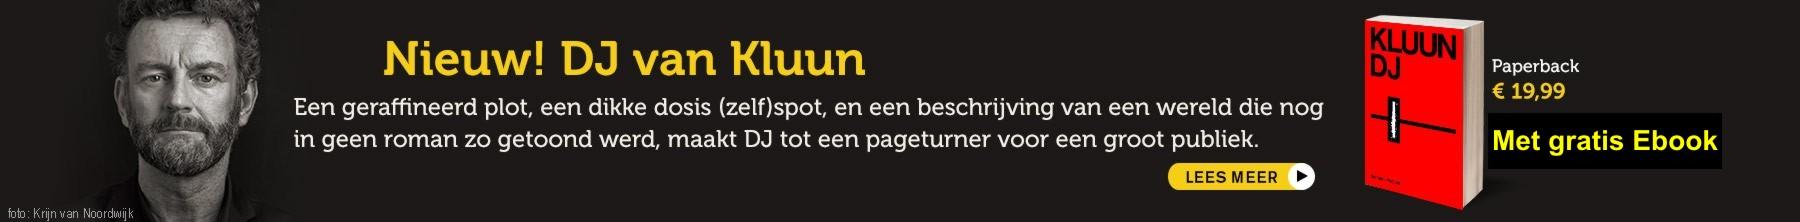 Kluun